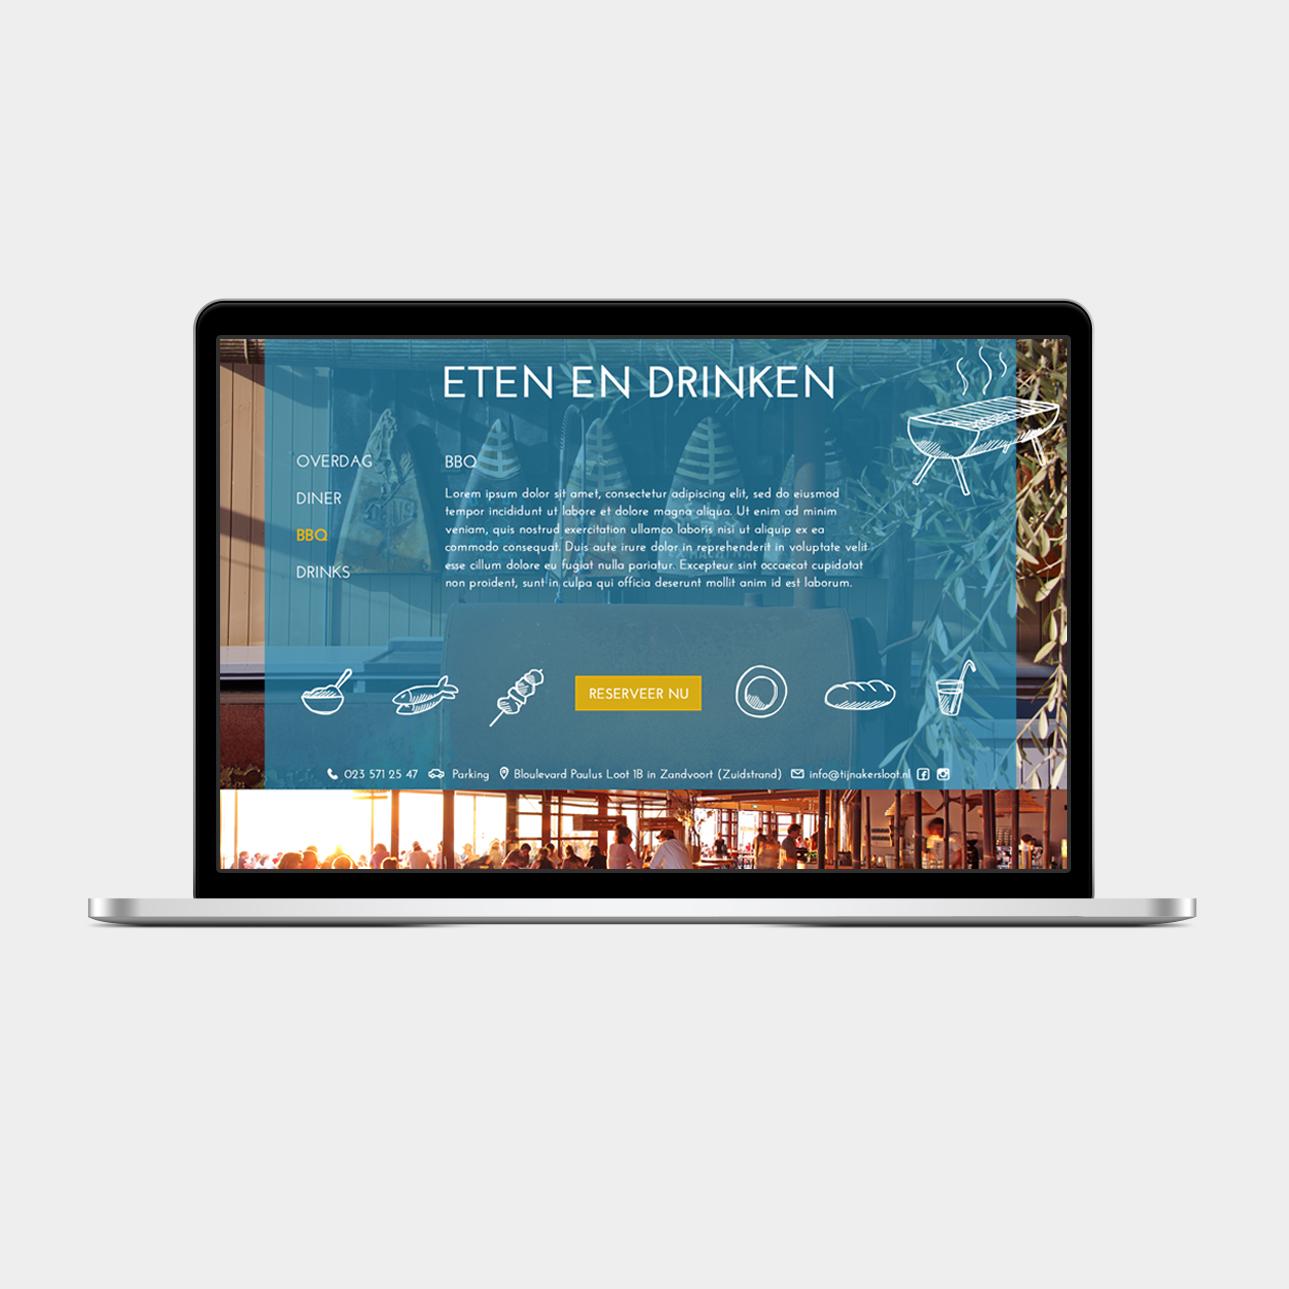 tijn-akersloot-webdesign-illustratie-diner